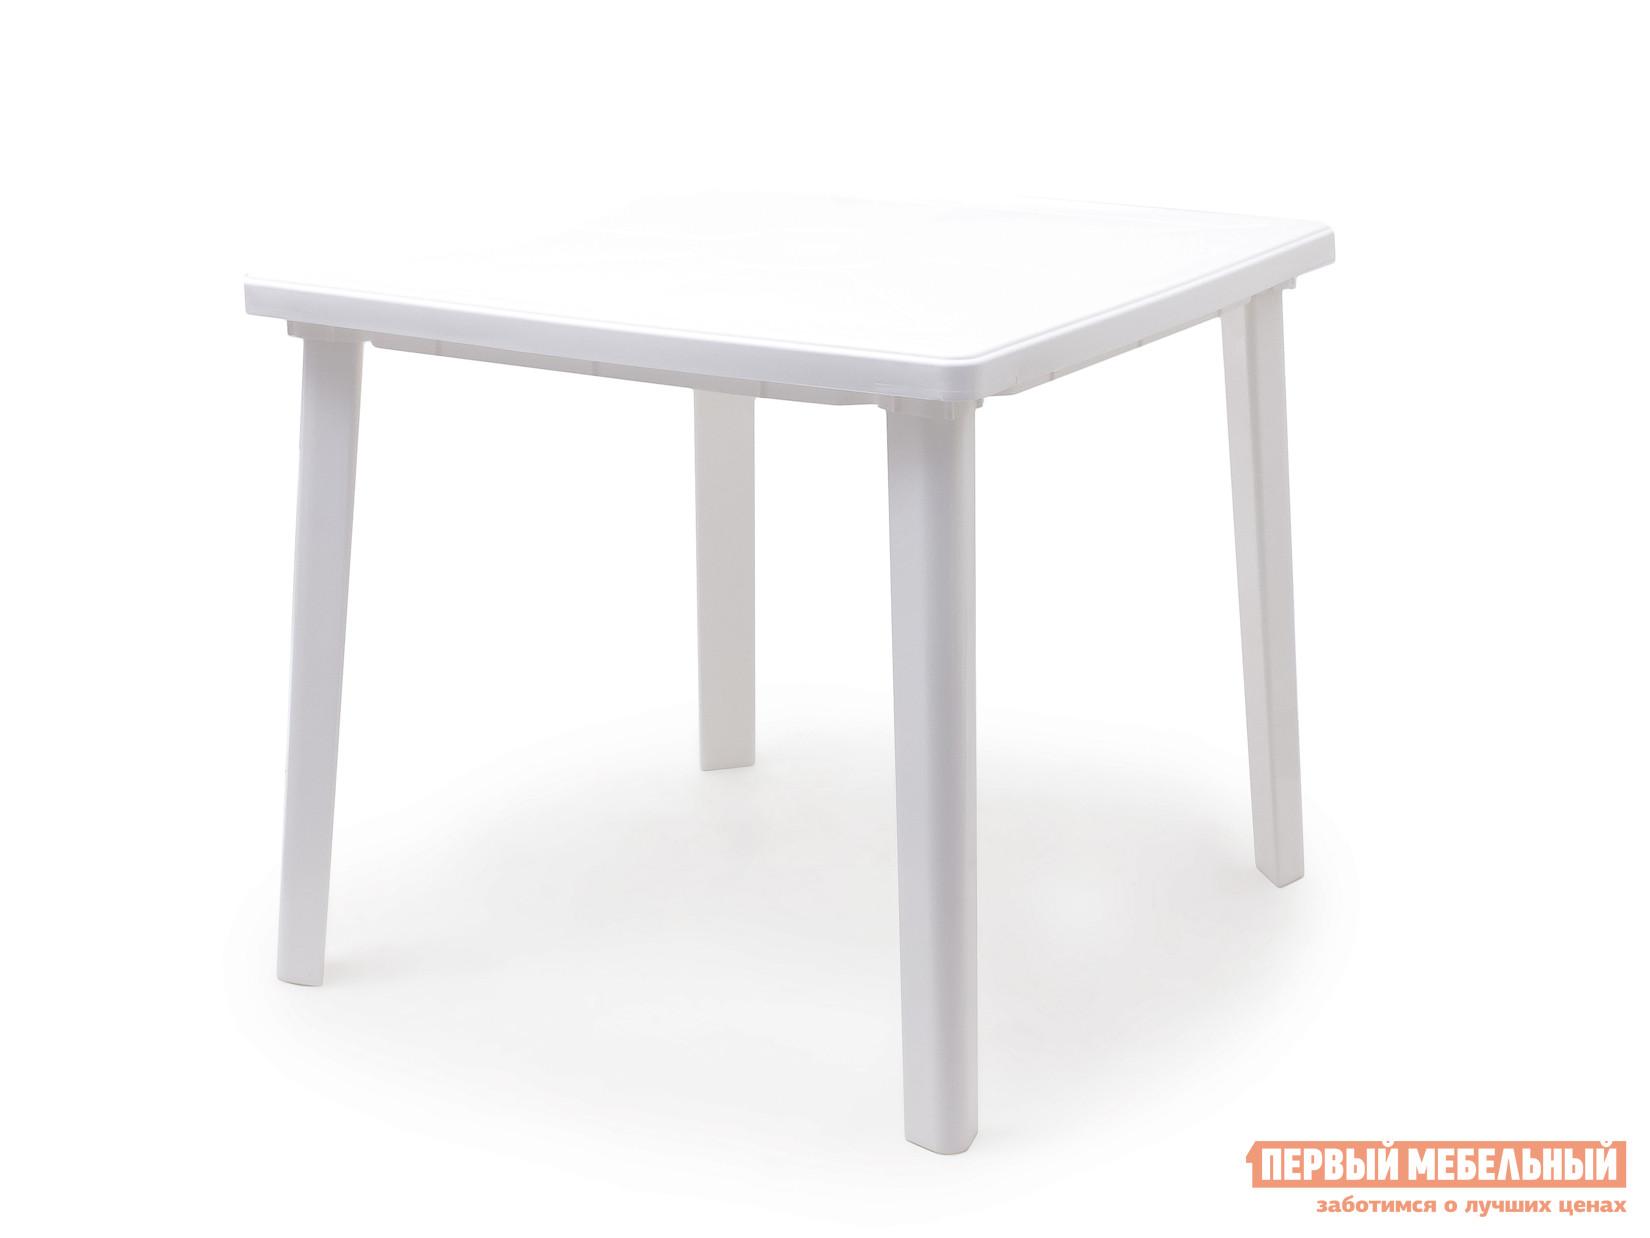 Пластиковый стол Стандарт Пластик Стол квадратный (800х800х710) БелыйПластиковые столы<br>Габаритные размеры ВхШхГ 710x800x800 мм. Пластиковый квадратный стол удобный и легкий, выполнен в лаконичном стиле.  Стол отличается прочностью и надежен в эксплуатации.  Дизайн мебельного изделия разработан так, что его легко сочетать с другой мебелью.  Так же конструкцией стола предусмотрено отверстие для зонта с заглушкой.   Мебельные изделия из пластика демократичны, хорошо подходят для меблировки дачи, зоны отдыха или летнего кафе.  Пластиковая мебель не боится перепадов температур, повышенной влажности.  Такая мебель станет верным союзником в комфортном и гармоничном отдыхе.<br><br>Цвет: Белый<br>Высота мм: 710<br>Ширина мм: 800<br>Глубина мм: 800<br>Кол-во упаковок: 1<br>Форма поставки: В разобранном виде<br>Срок гарантии: 1 год<br>Форма: Квадратные<br>Размер: Маленькие